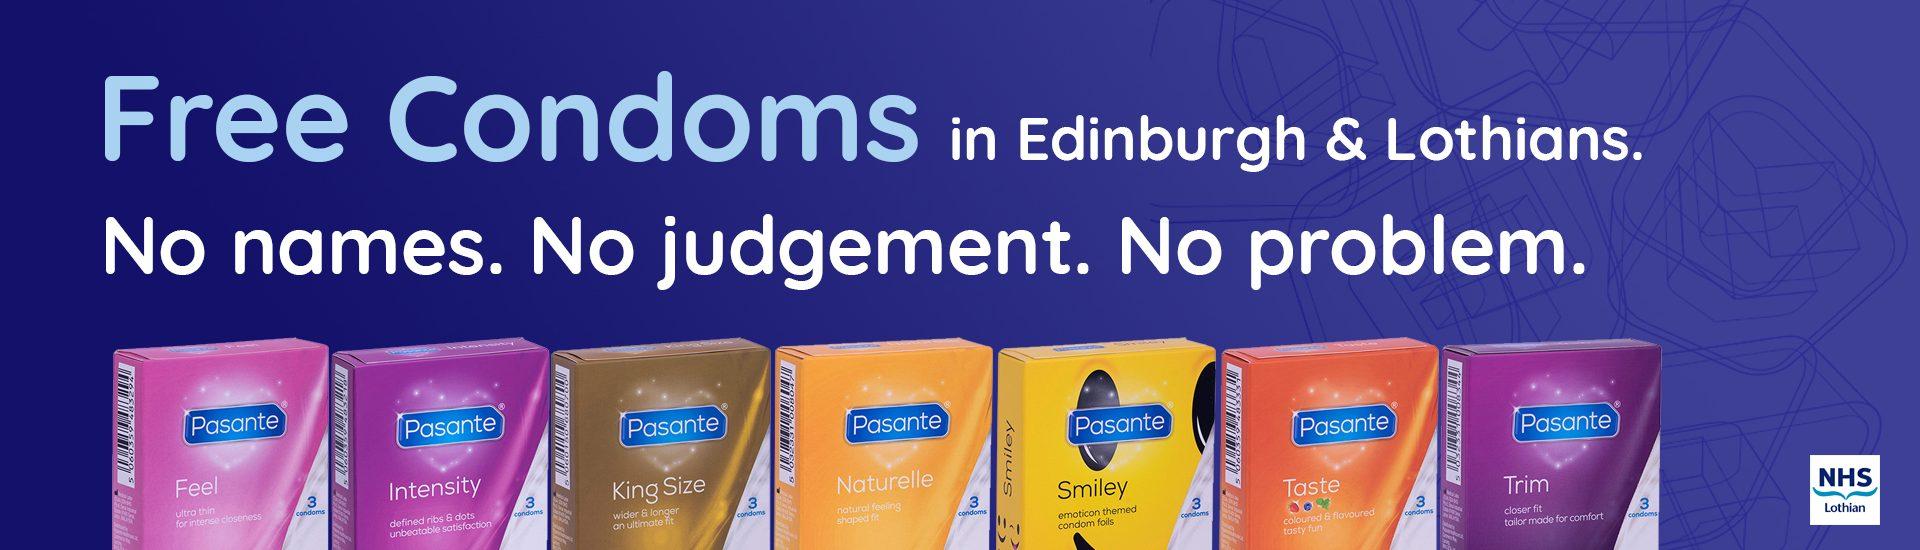 C:Card | Free Condoms  No Names  No Judgement  No Problem